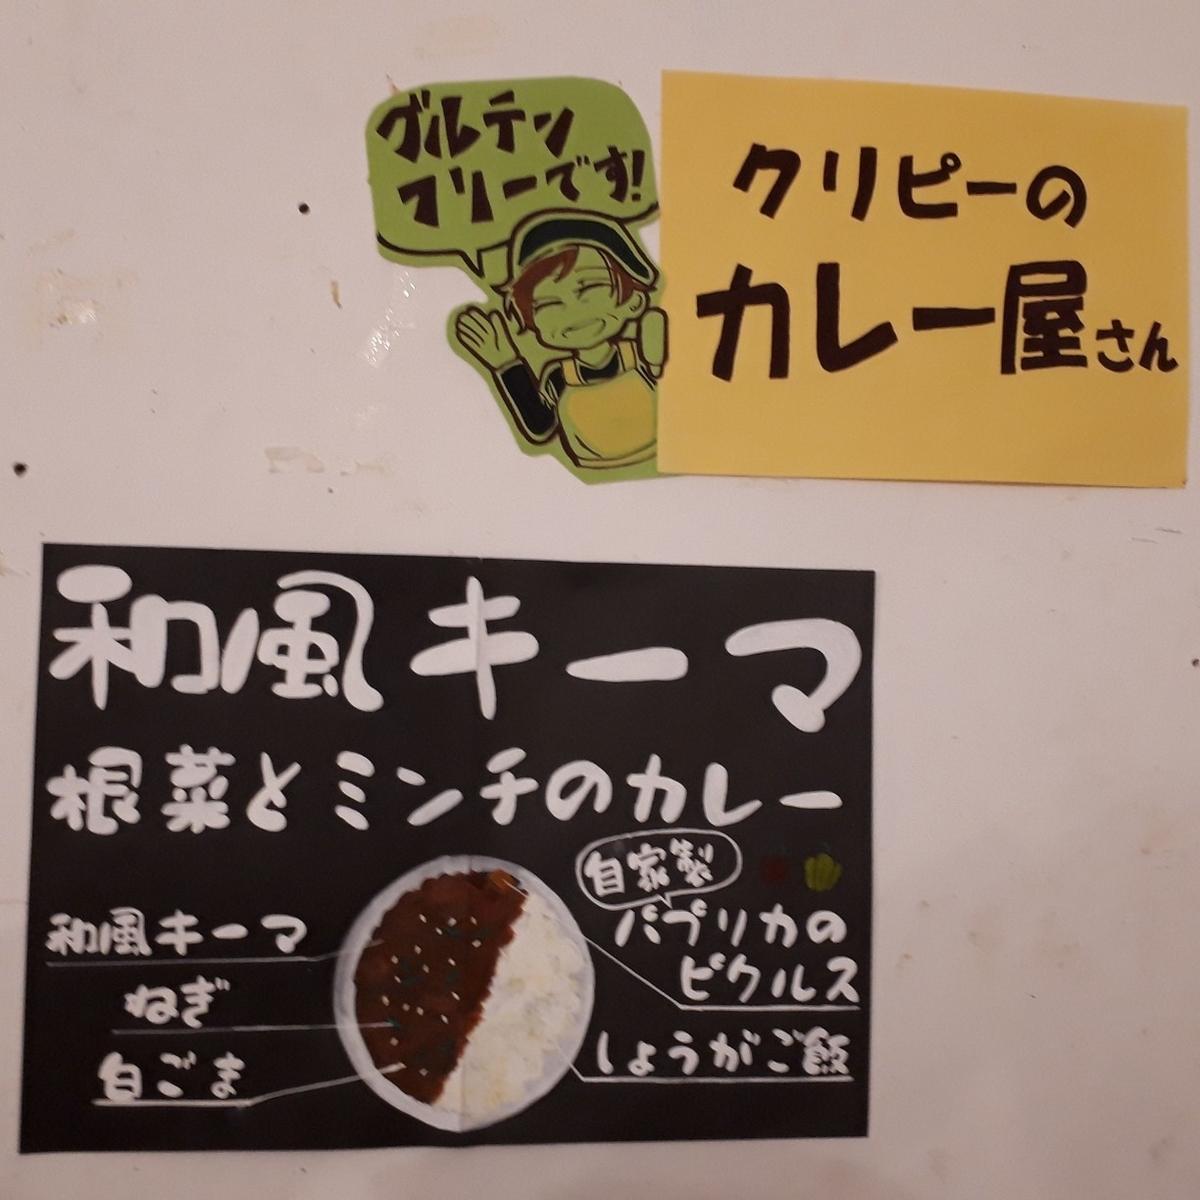 クリピーのカレー屋さん 和風キーマ 根菜とミンチのカレー